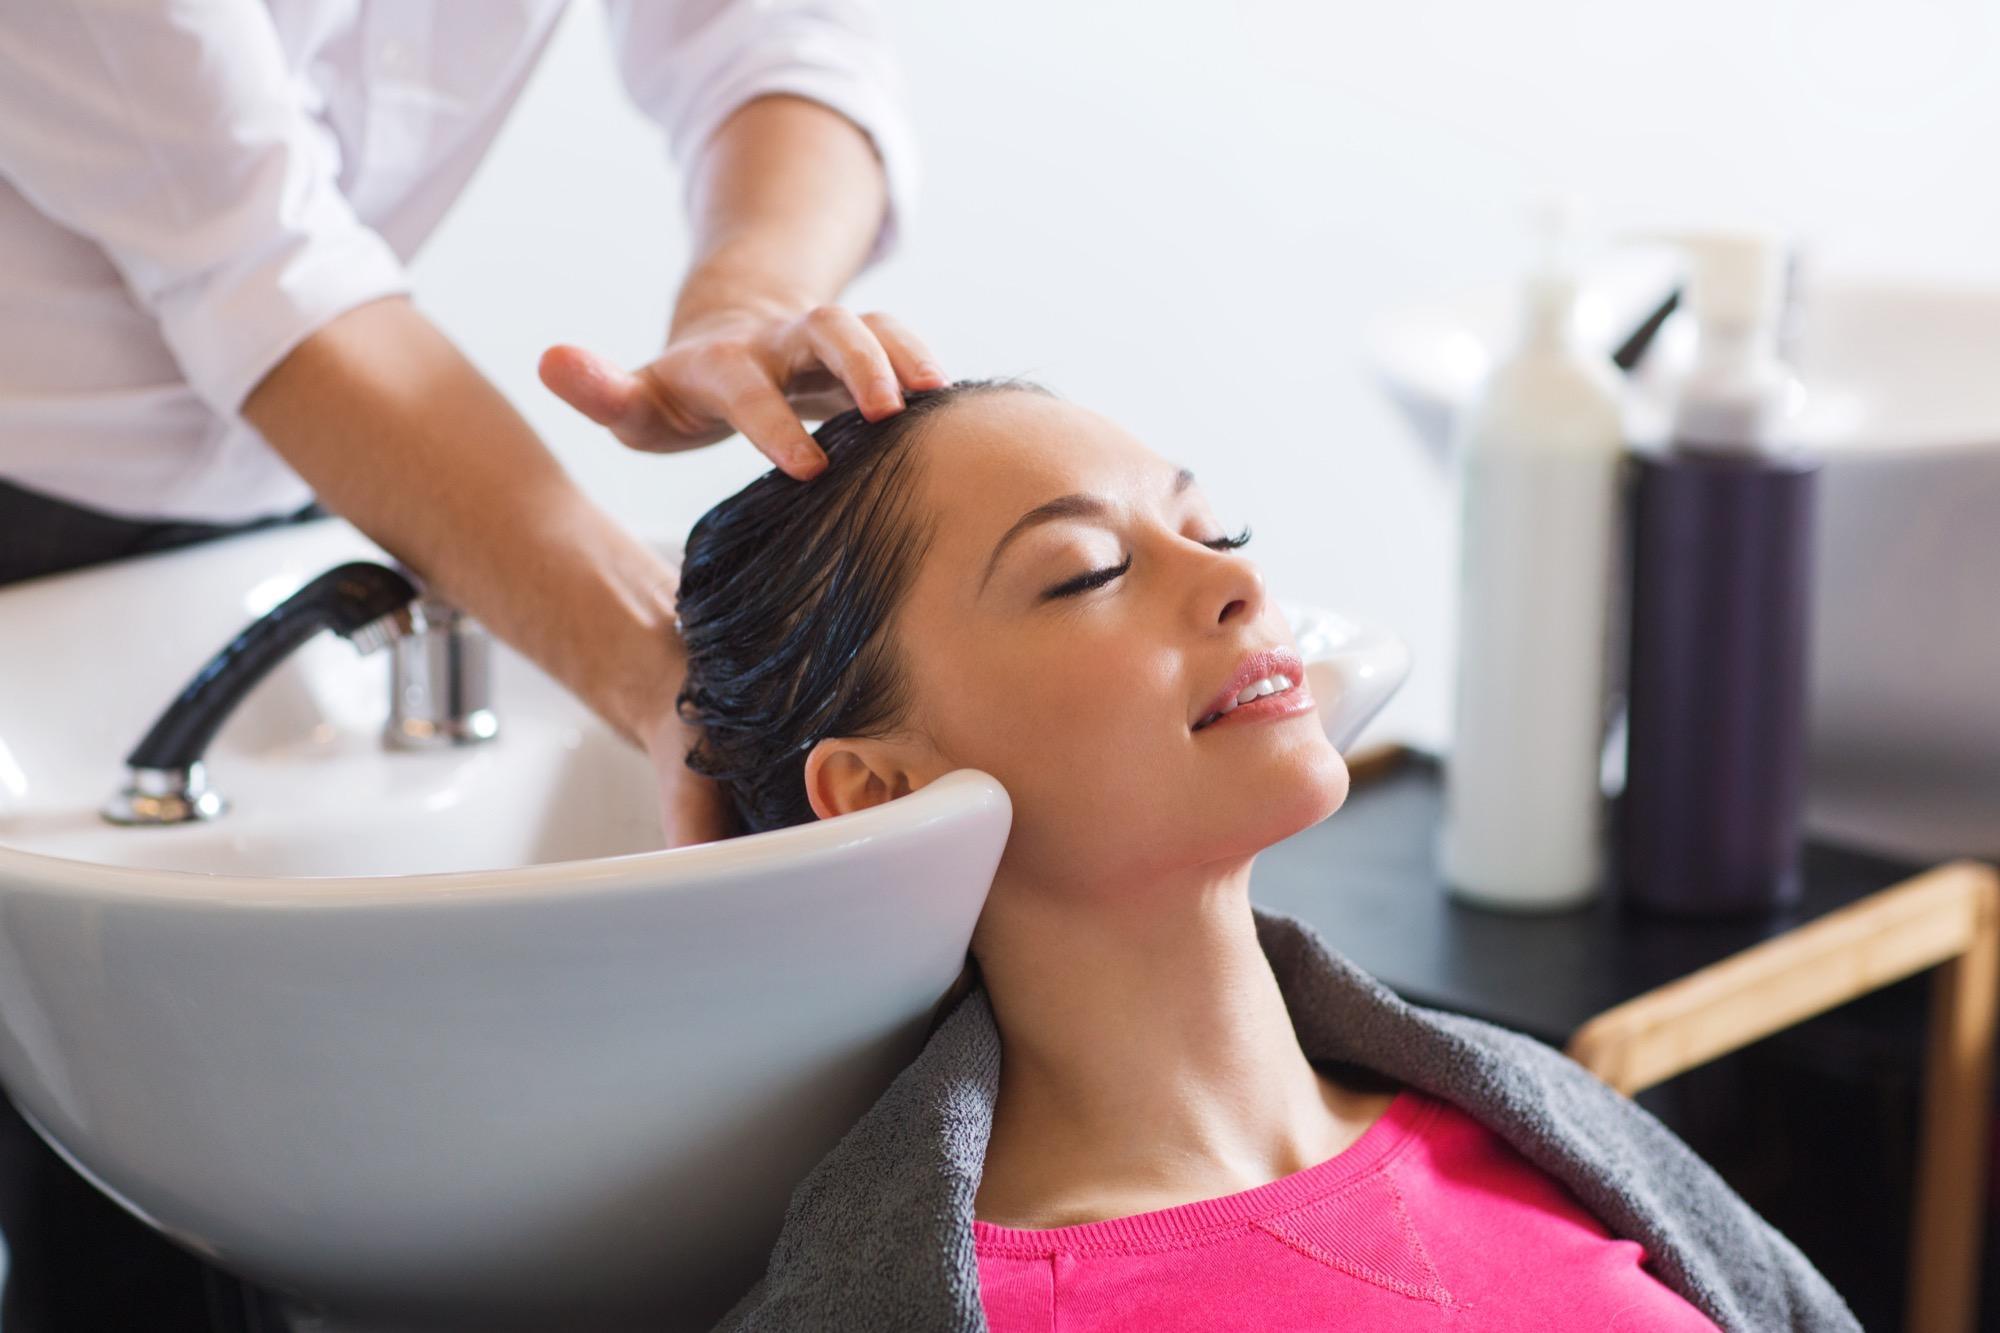 Davor ekelt sich jeder Friseur